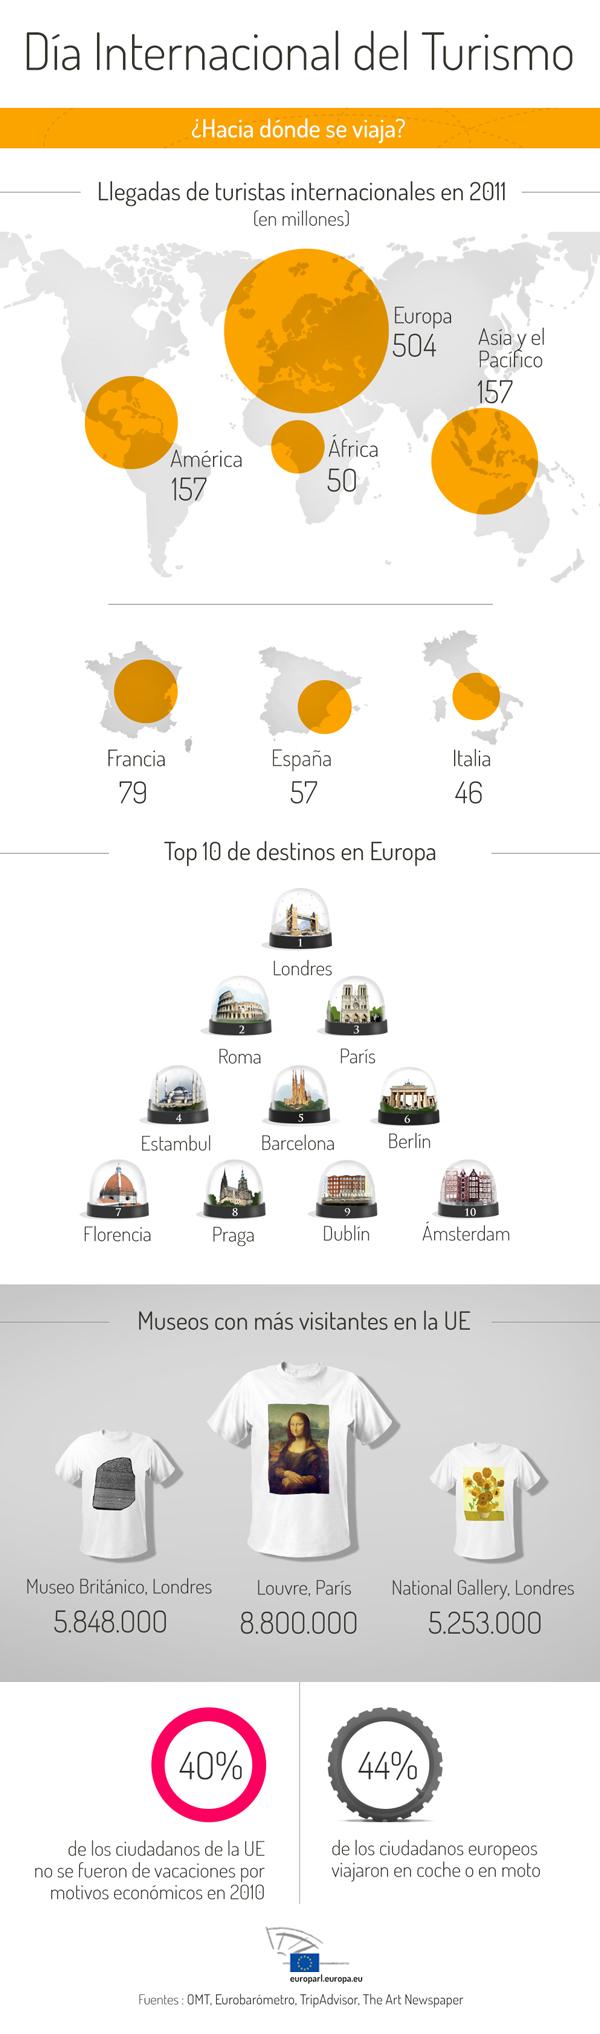 Turismo en la Unión Europea